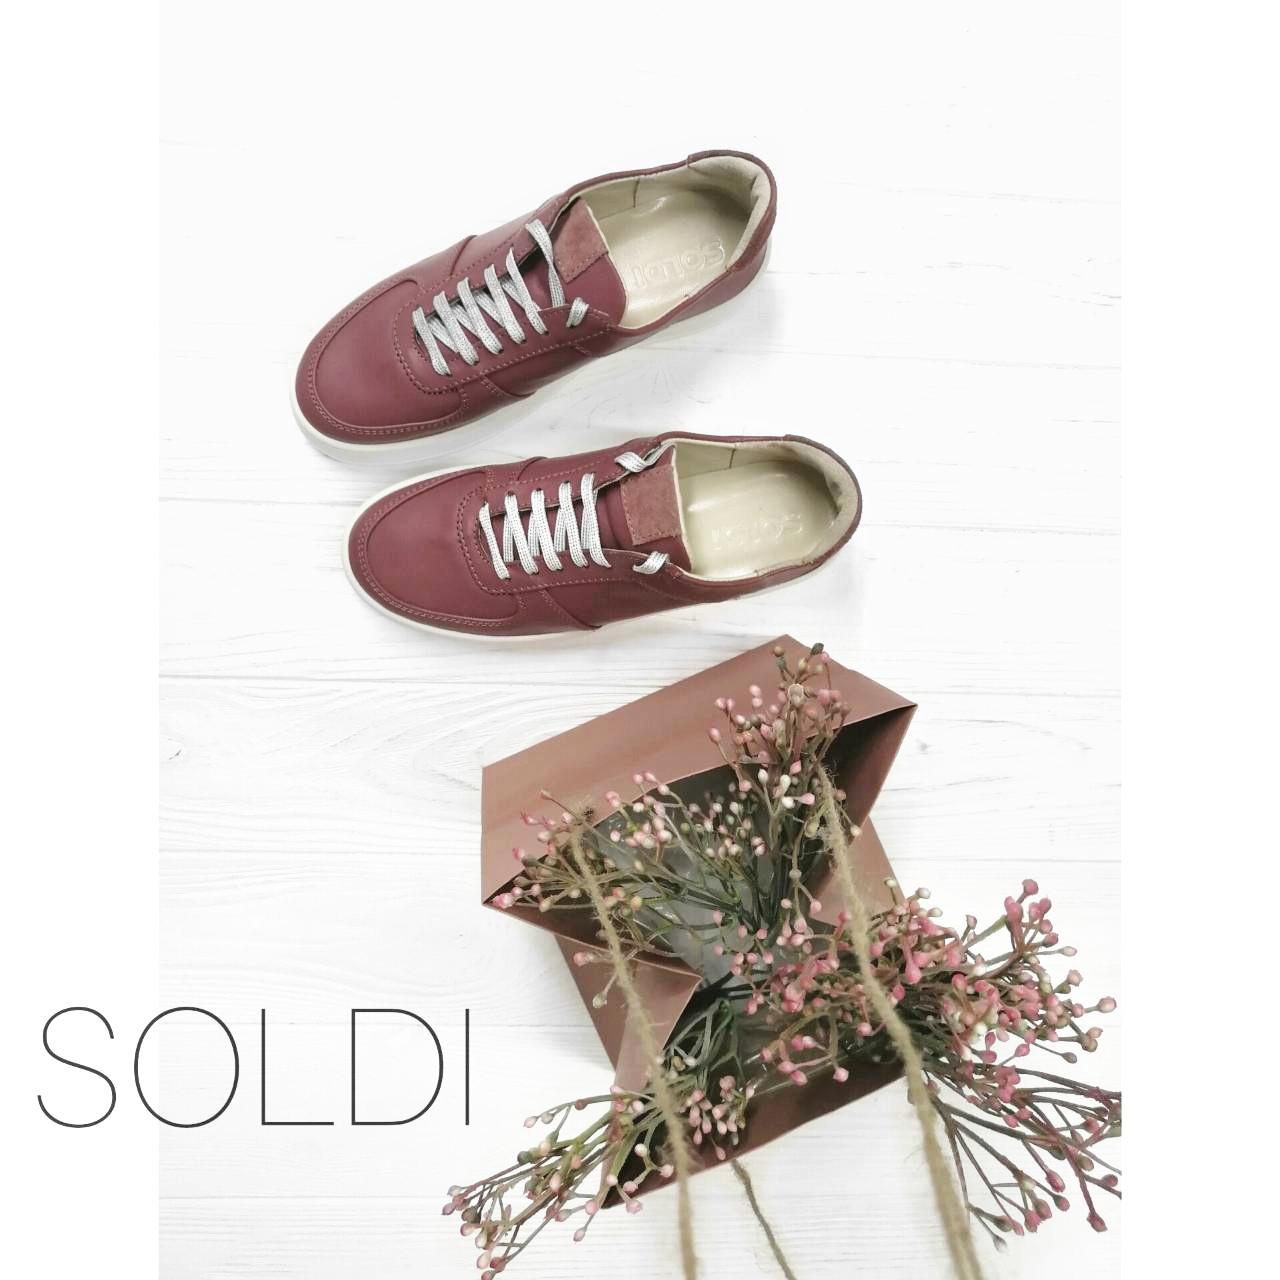 913c99881 Купить Кожаная обувь на толстой подошве оптом - ТУФЛИ от ...